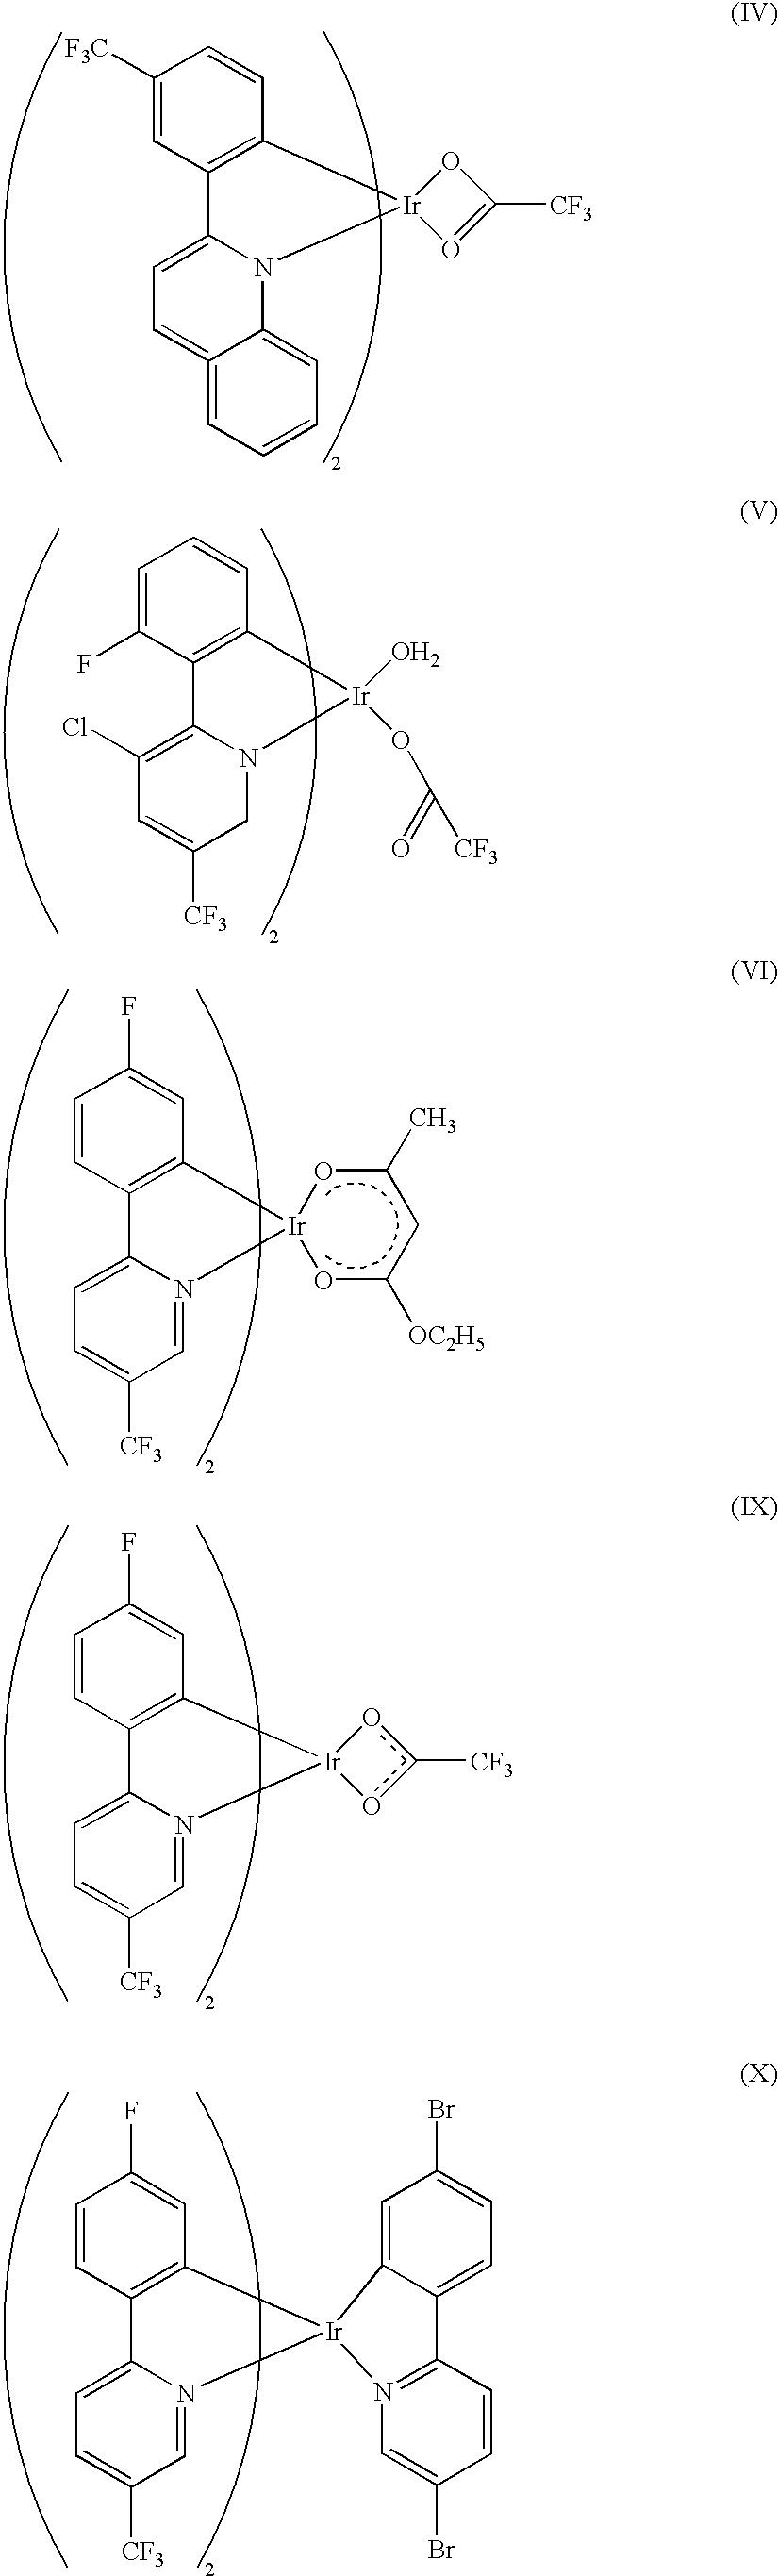 Figure US20020121638A1-20020905-C00004